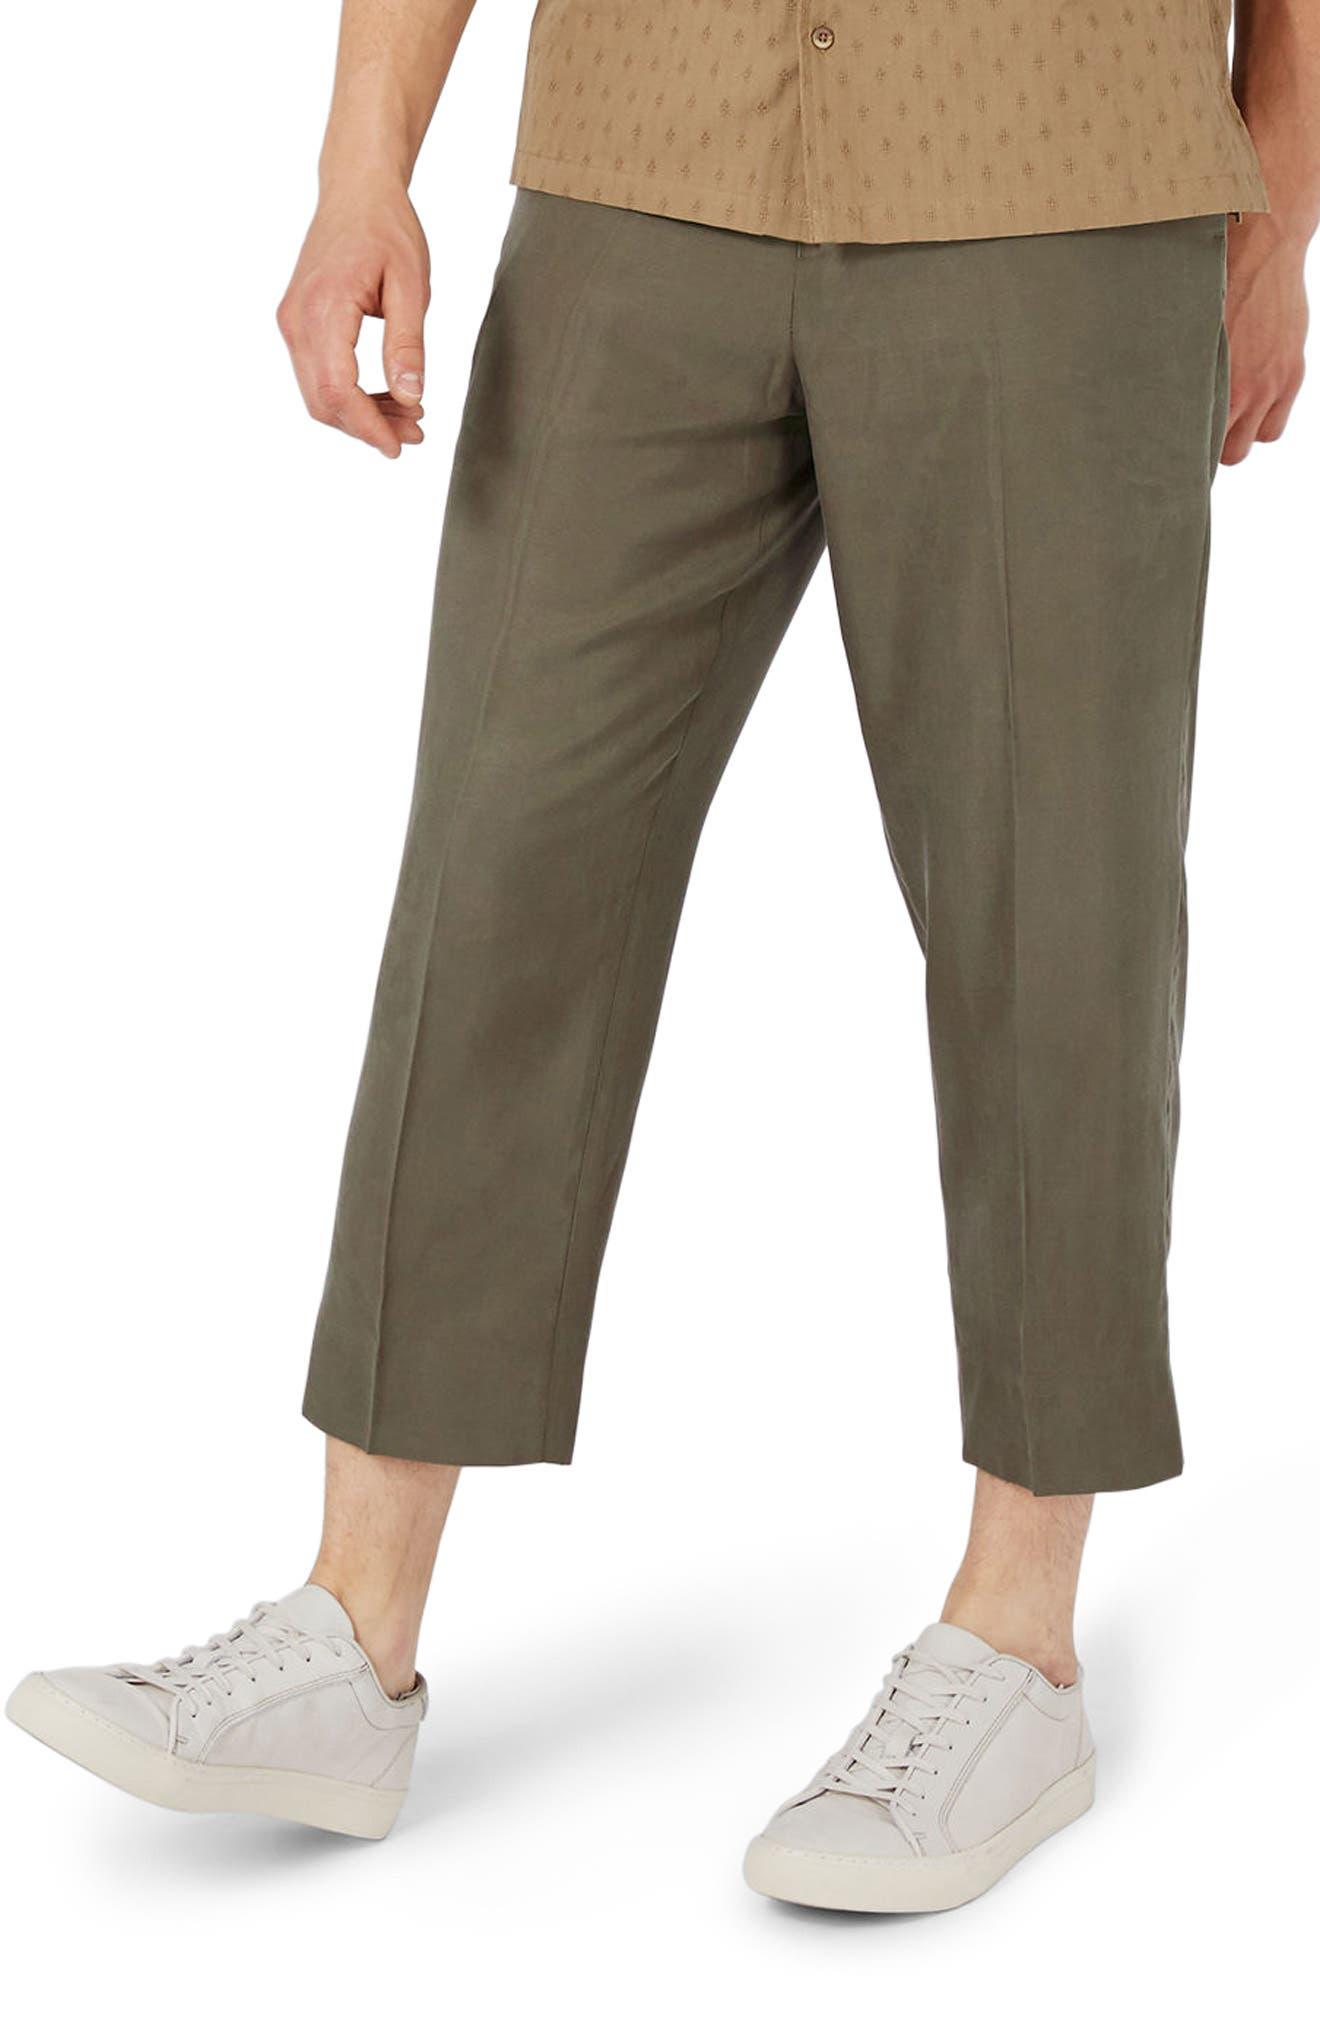 Crop Wide Leg Trousers,                             Main thumbnail 1, color,                             300